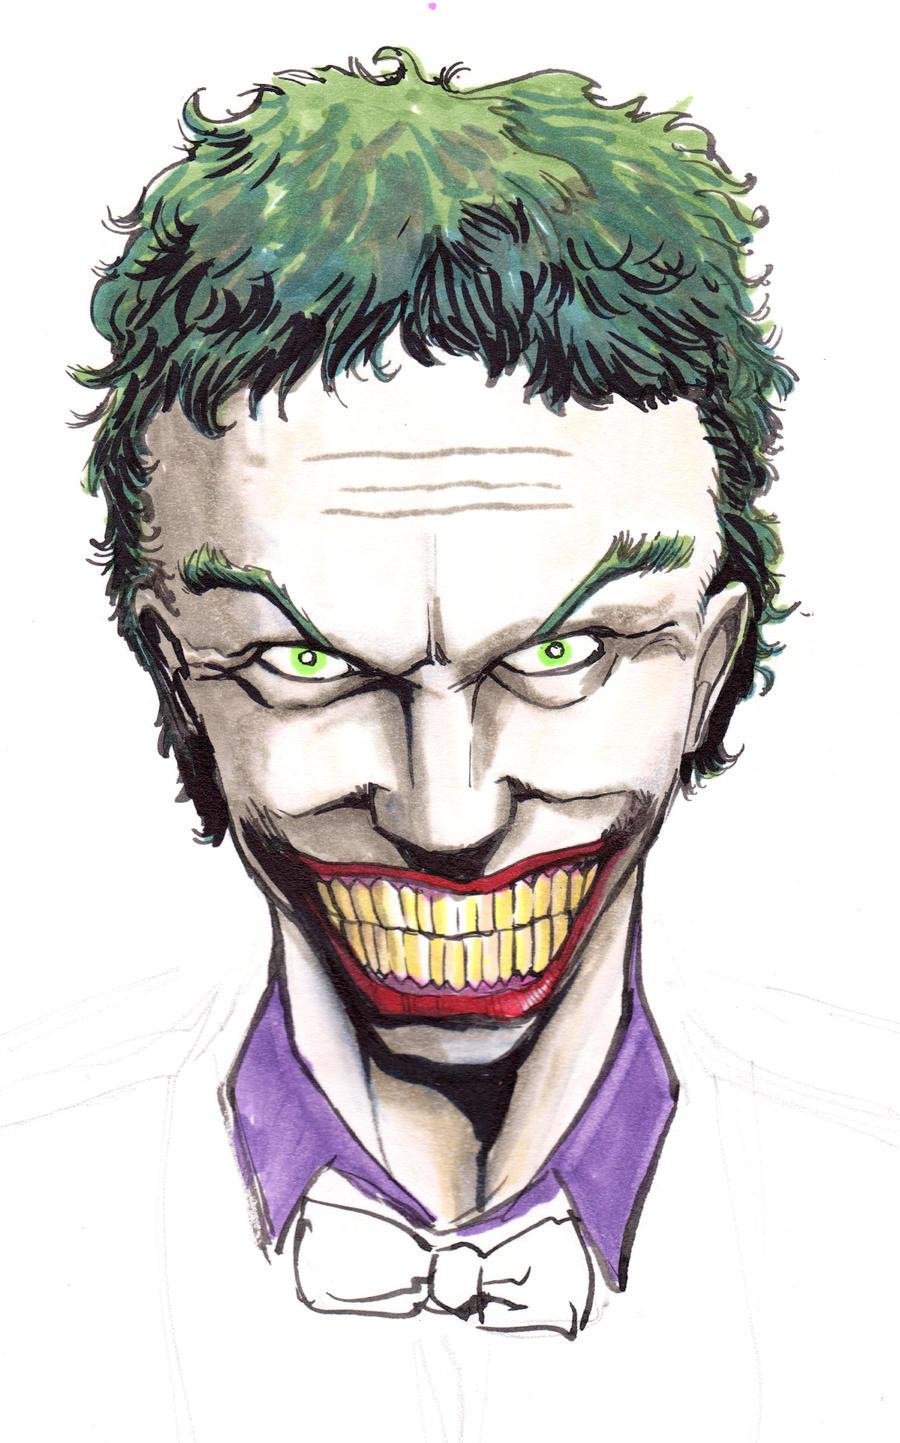 Joker WIP by LangleyEffect